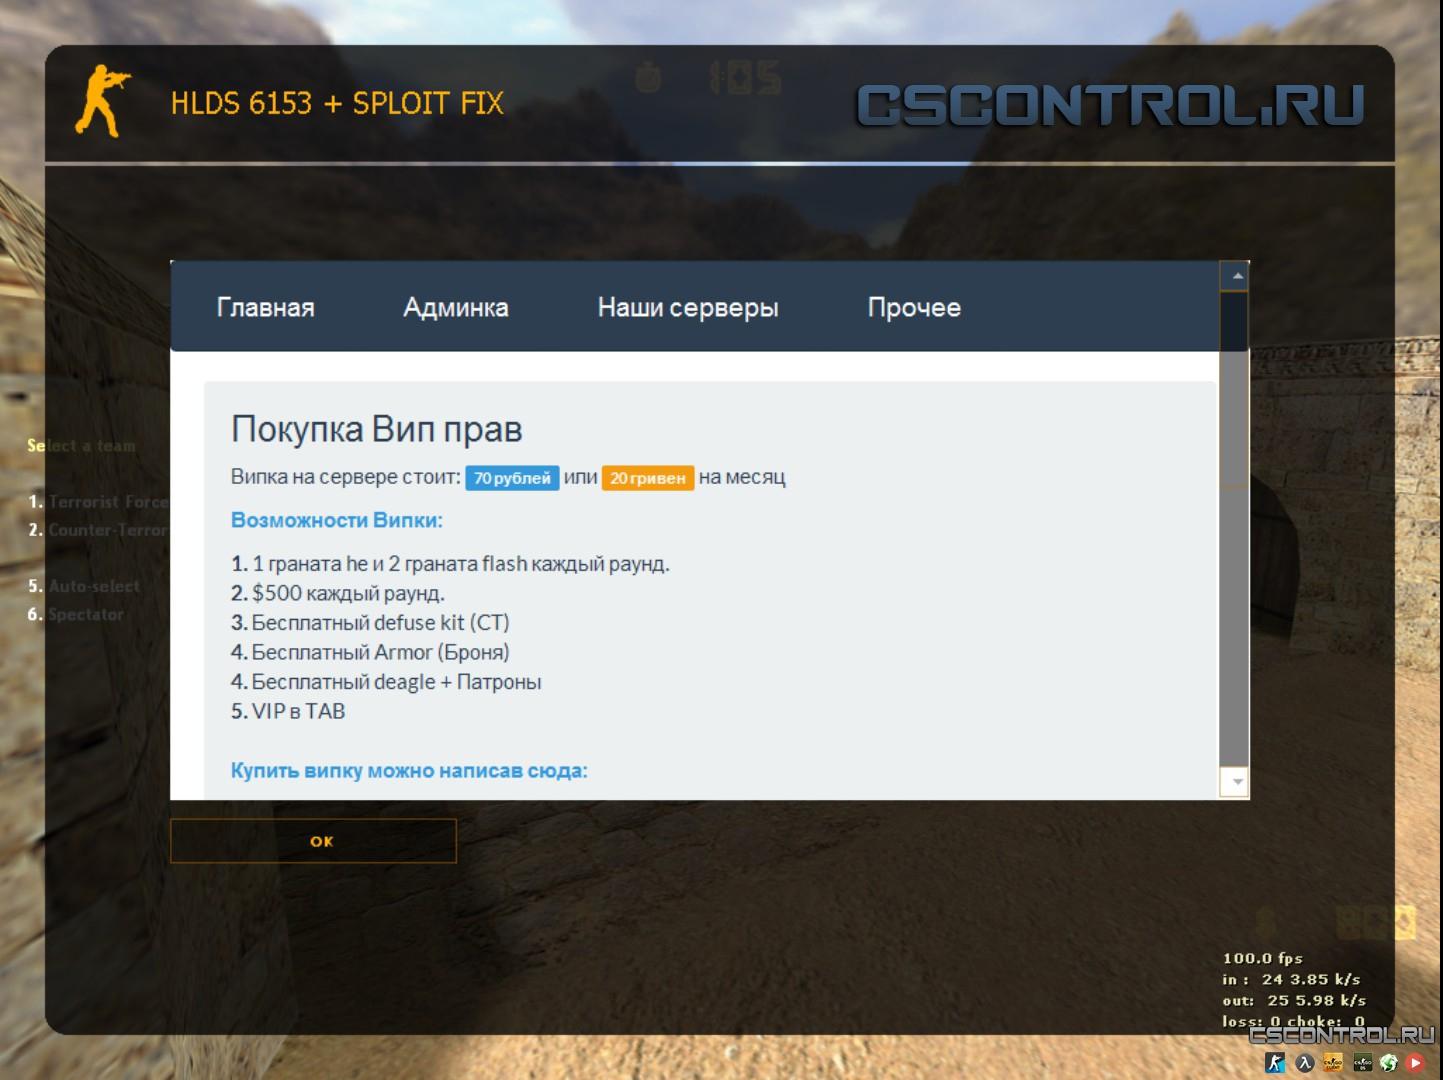 Скачать чистый сервер hlds (clan war) для cs 1. 6 готовые сервера.